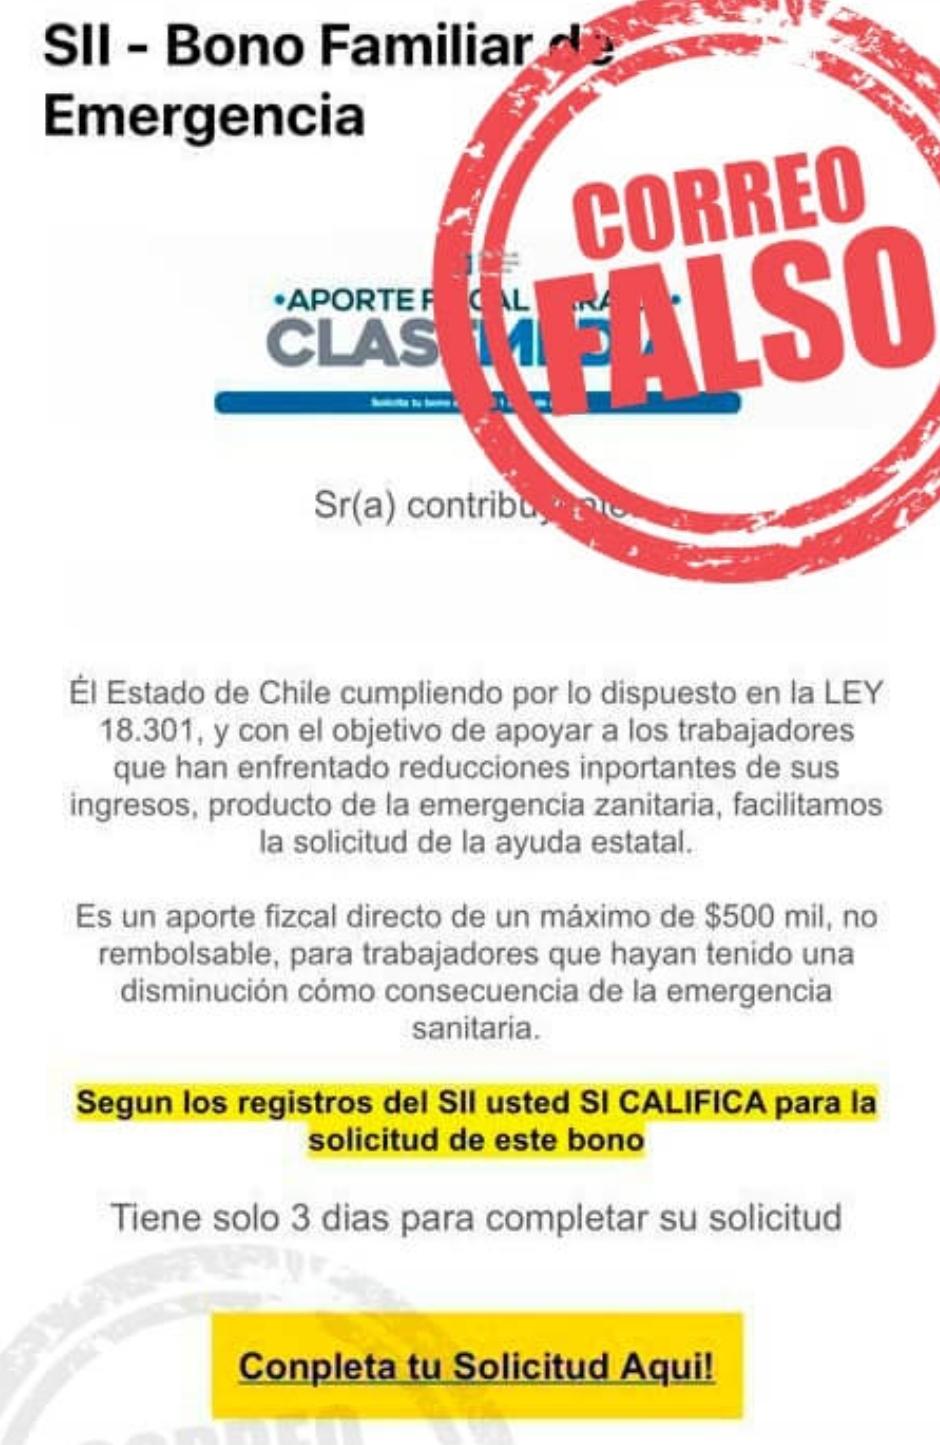 Noticias Chile | SII emite una alerta por peligroso correo electrónico que busca estafar a la población por el bono de $500 mil